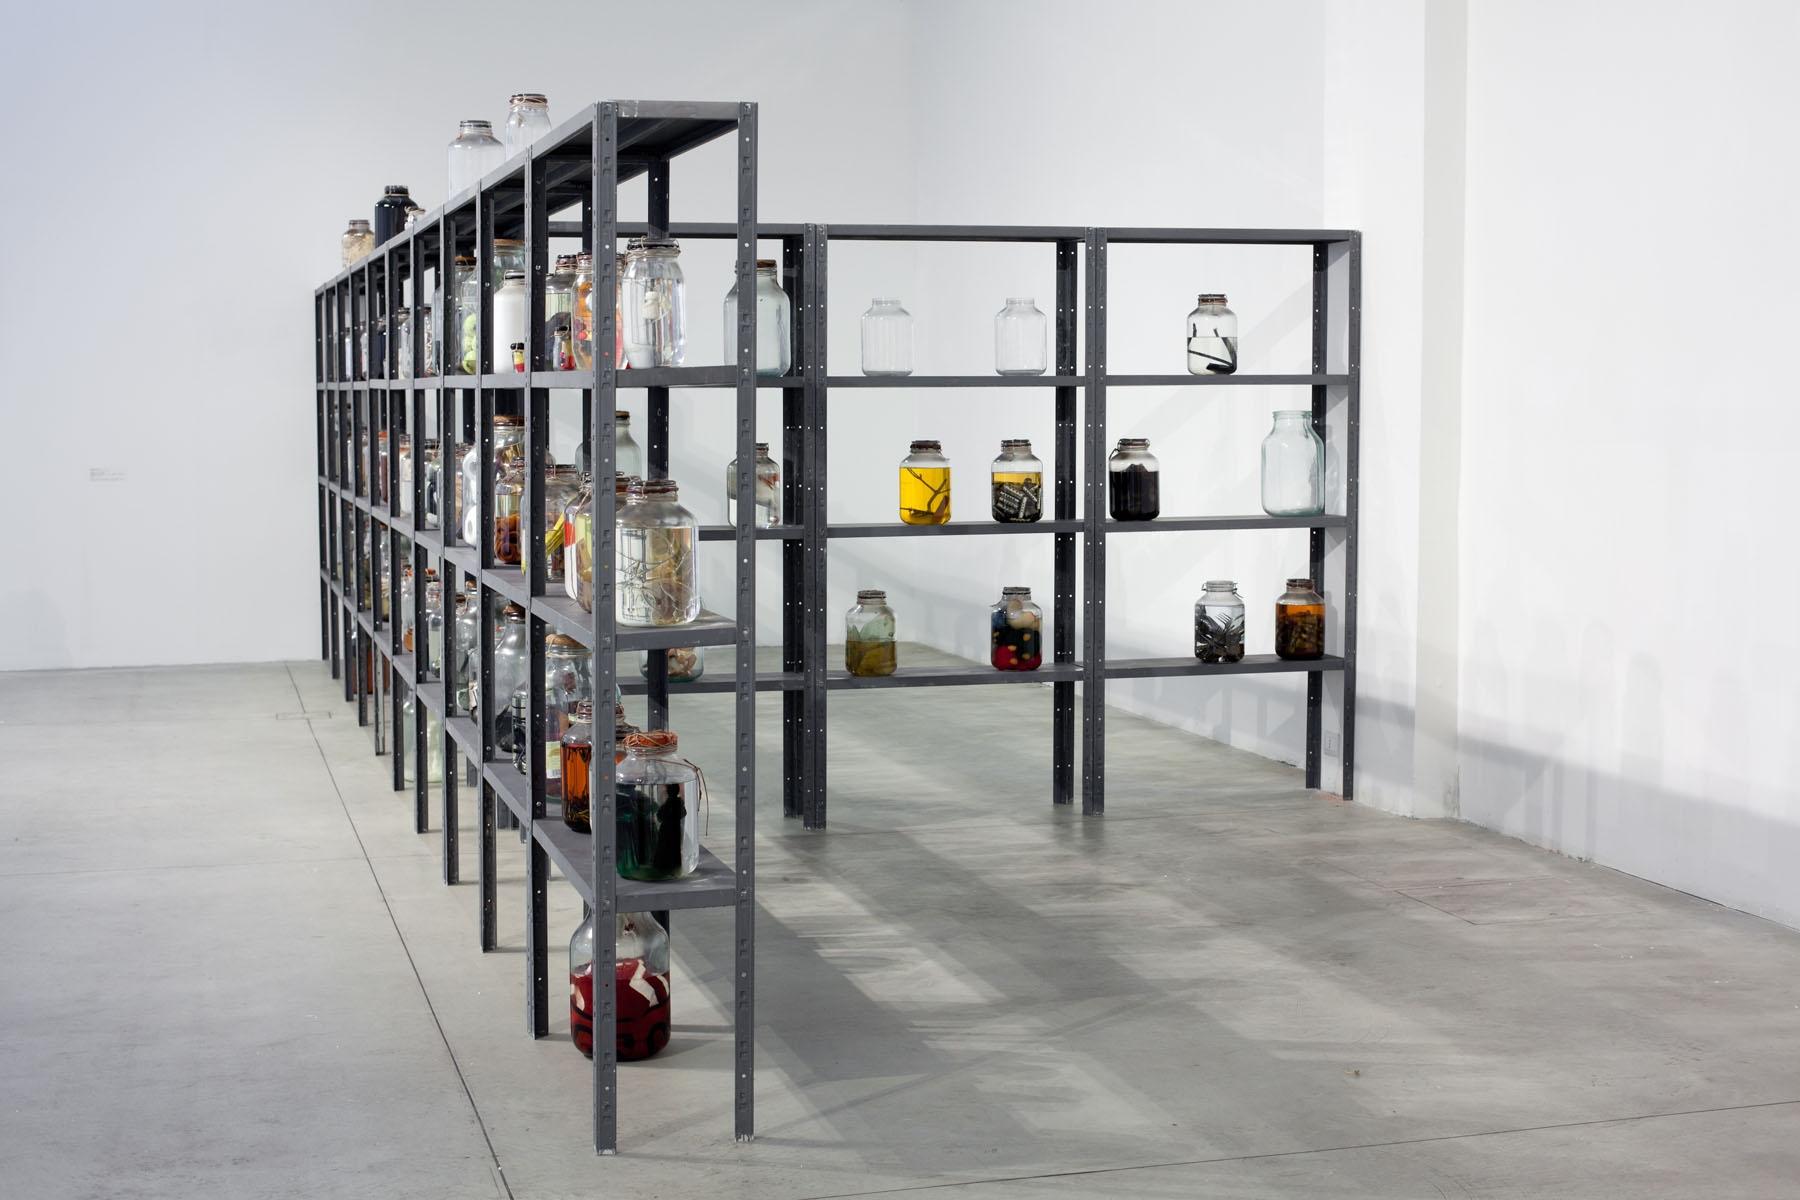 Sergej Volkov, Magazzino d'arte (1990). Scaffali di ferro, barattoli di vetro, oggetti in glicerina, installazione ambiente